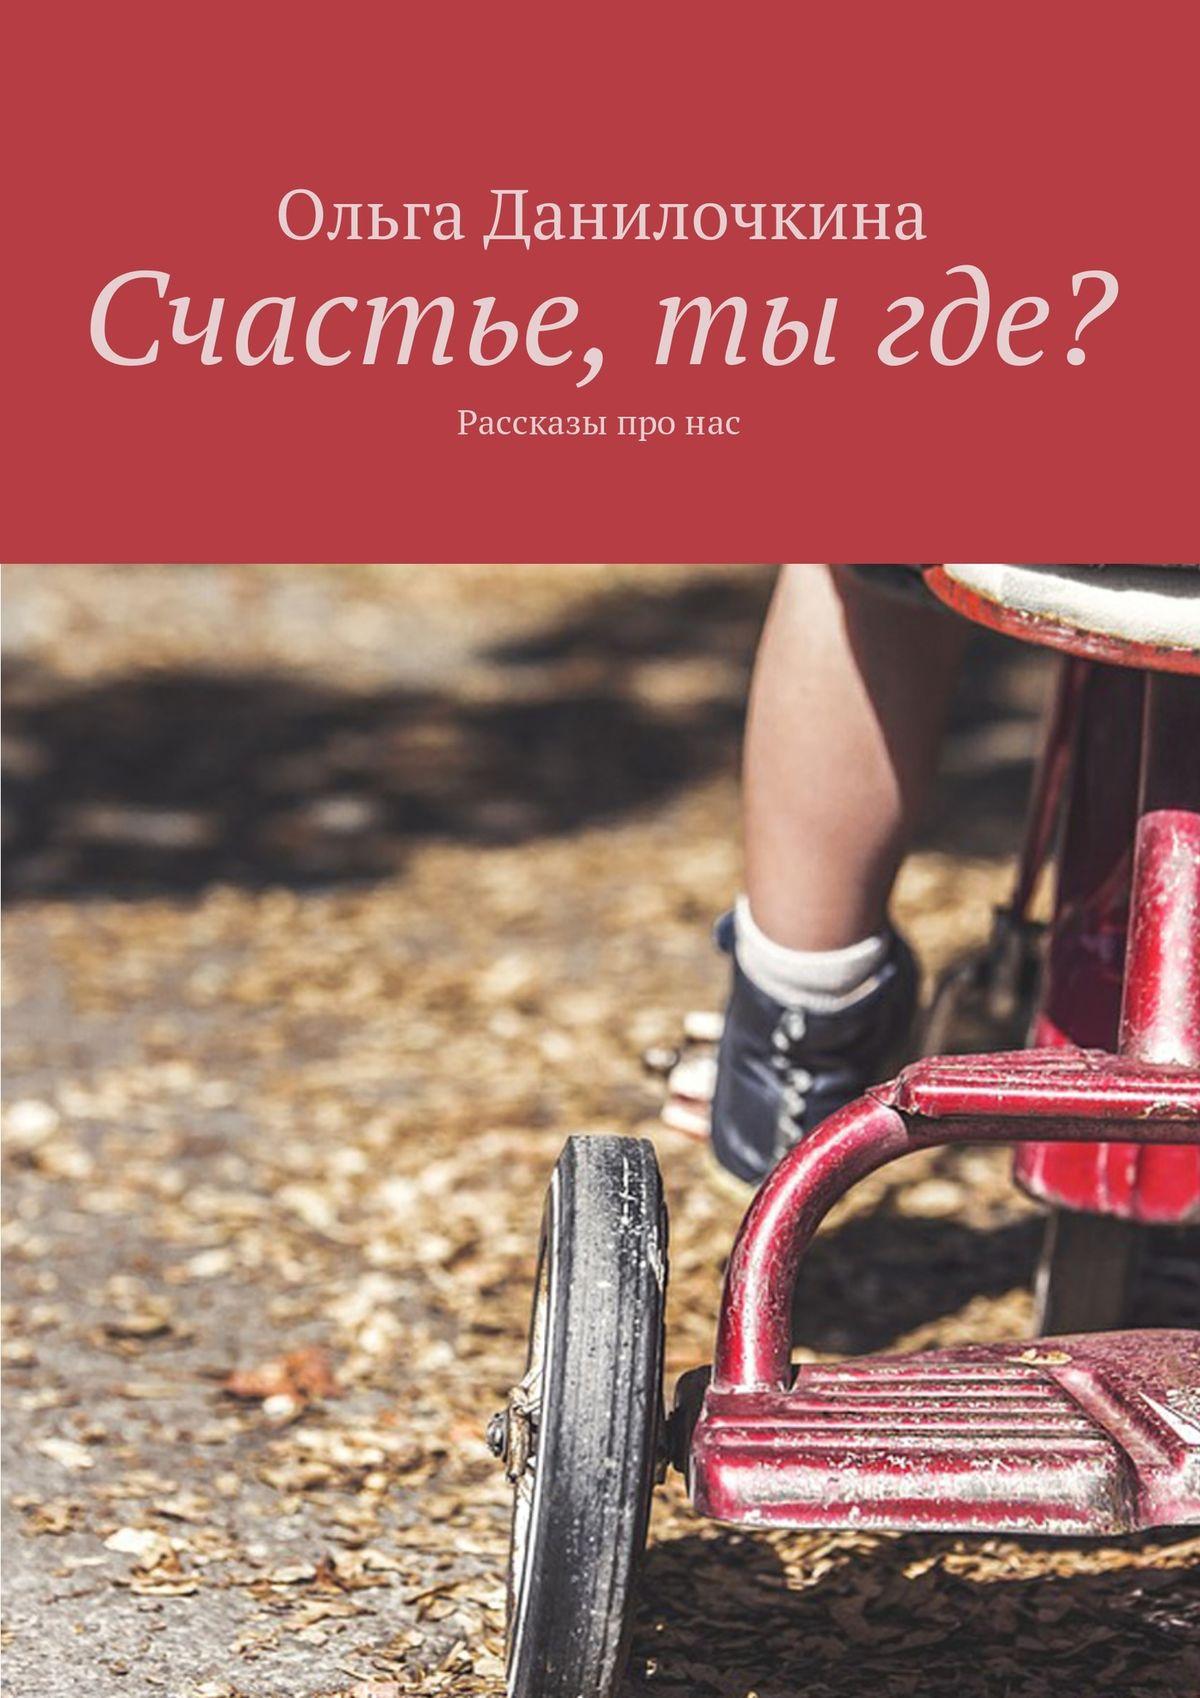 Ольга Данилочкина Счастье, тыгде? Рассказы про людей александр шохов счастье есть